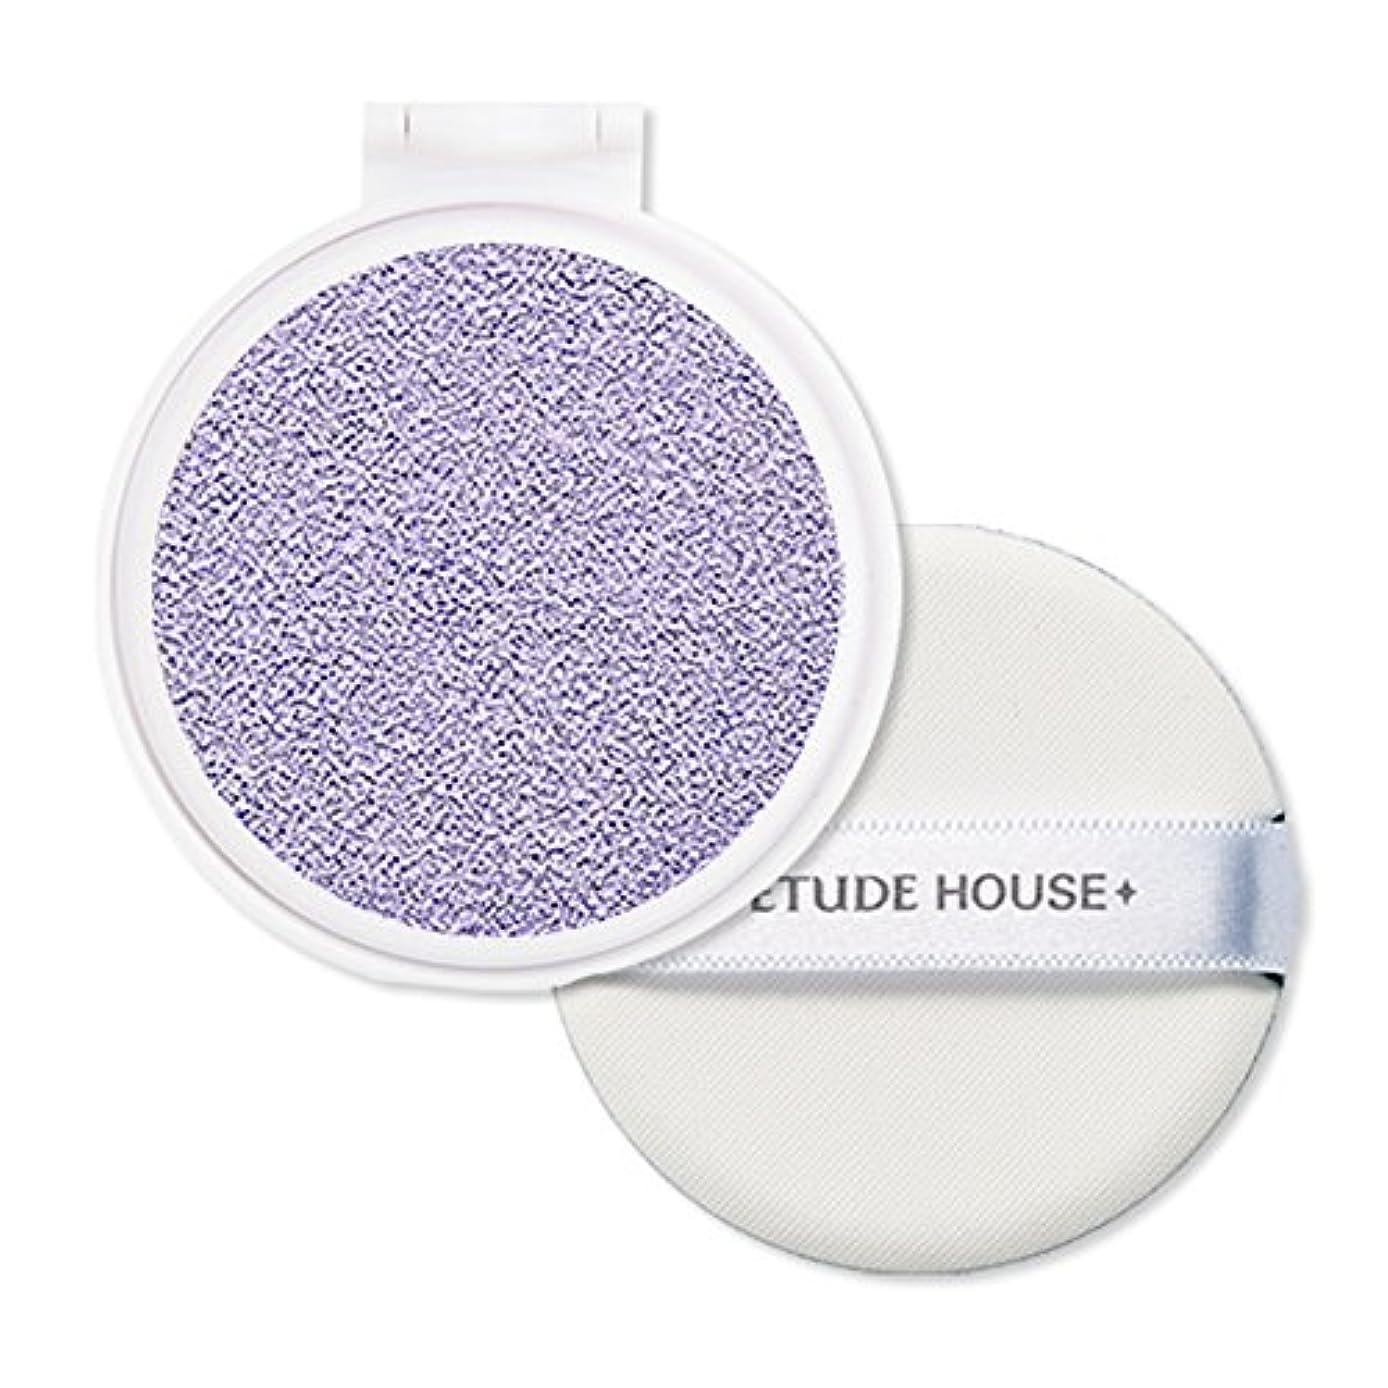 チャーター実行可能漏斗エチュードハウス(ETUDE HOUSE) エニークッション カラーコレクター レフィル Lavender